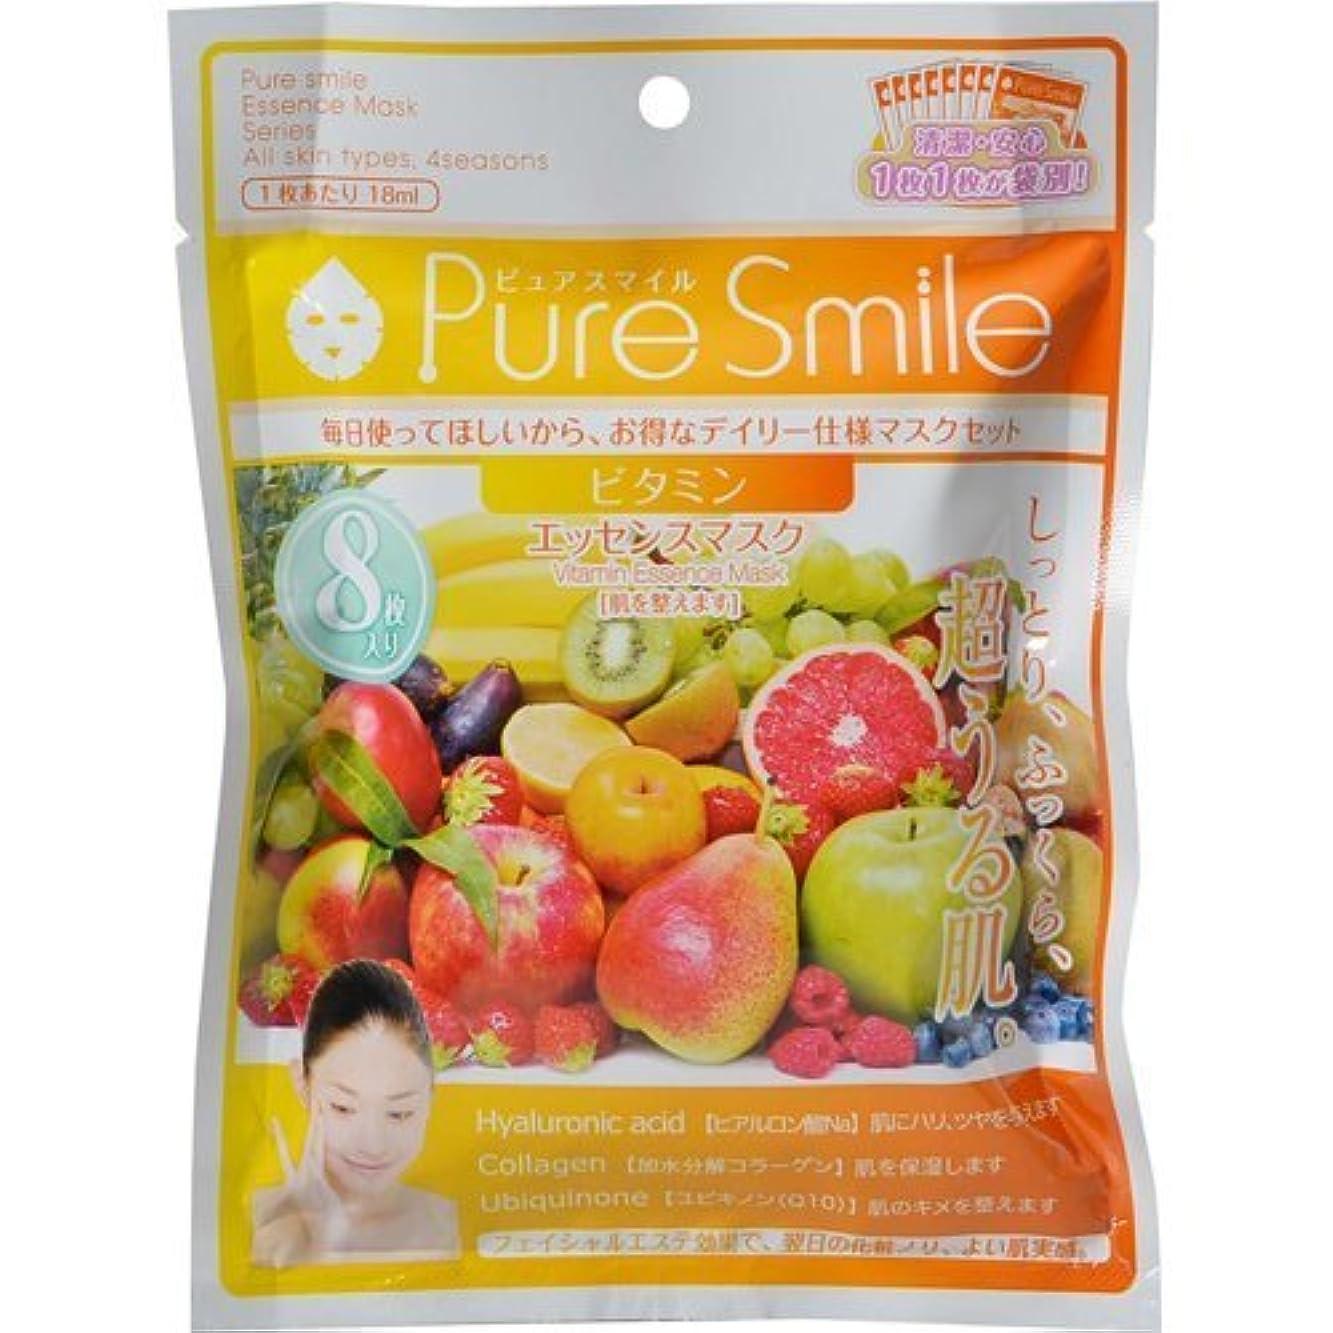 コマンドオーブン勝利Pure Smile エッセンスマスク8枚セット ビタミン 8枚